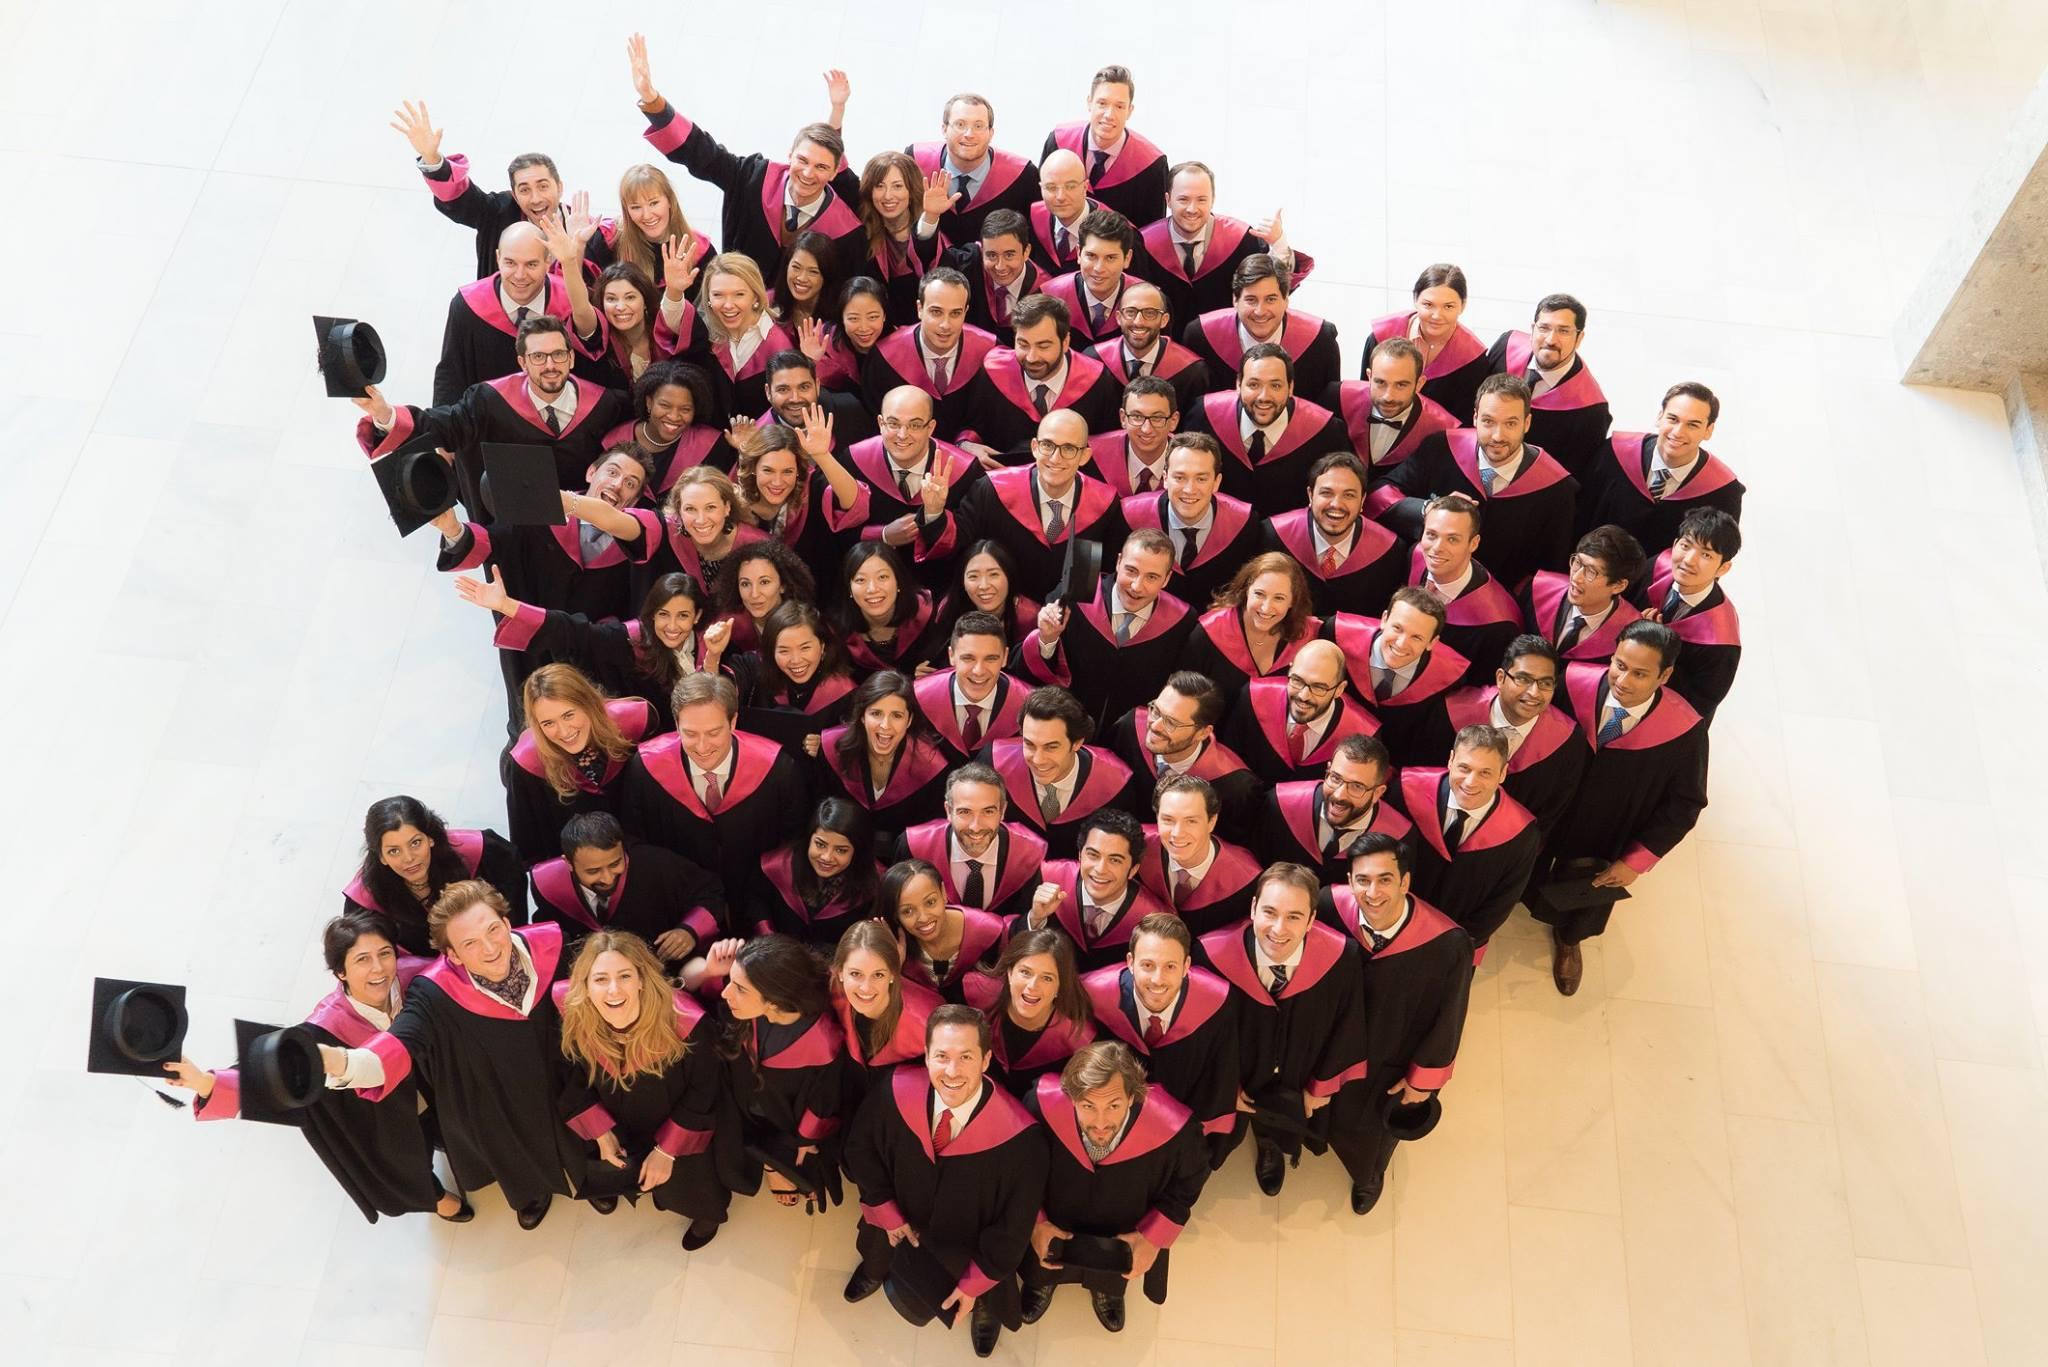 SDA Bocconi School of Management Campus